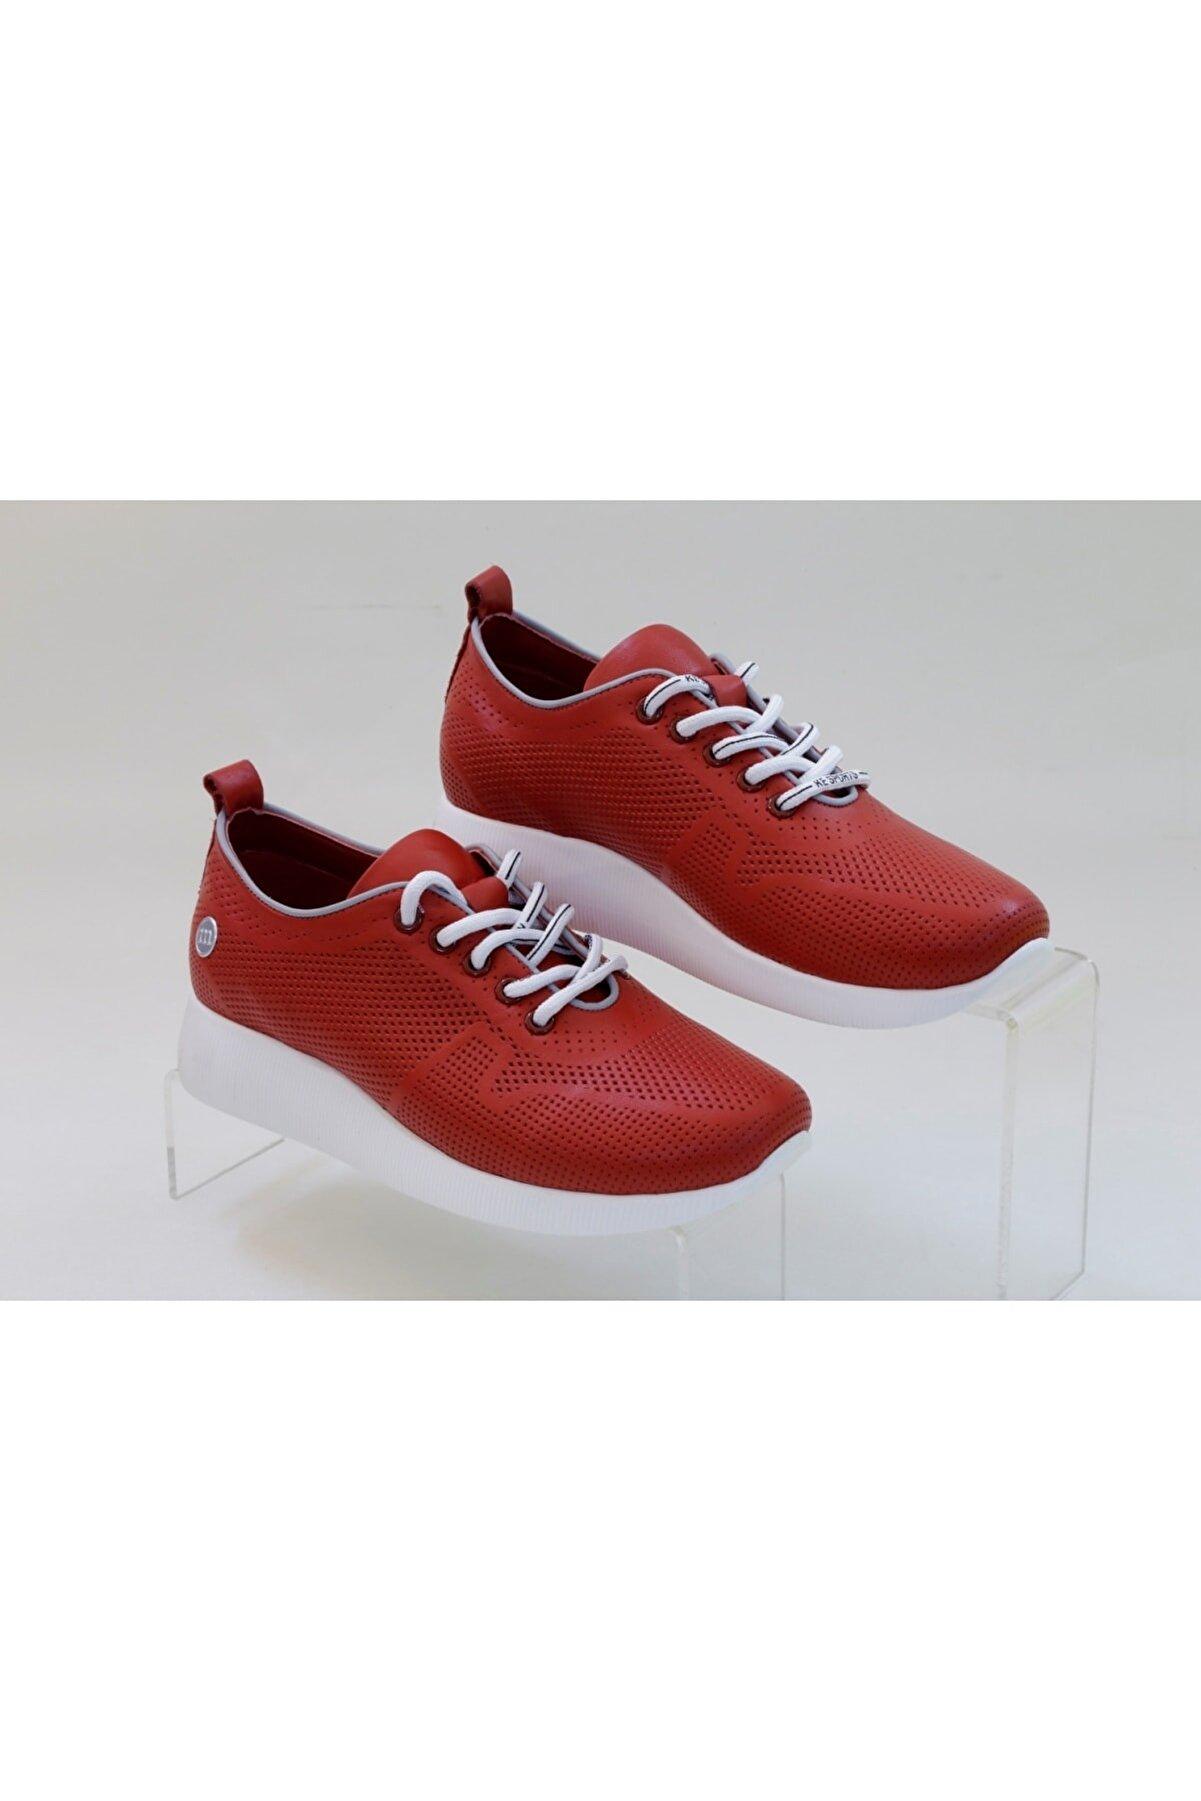 Mammamia Yeni Sezon Kırmızı Spor Günlük Yürüyüş Deri Ayakkabı 25